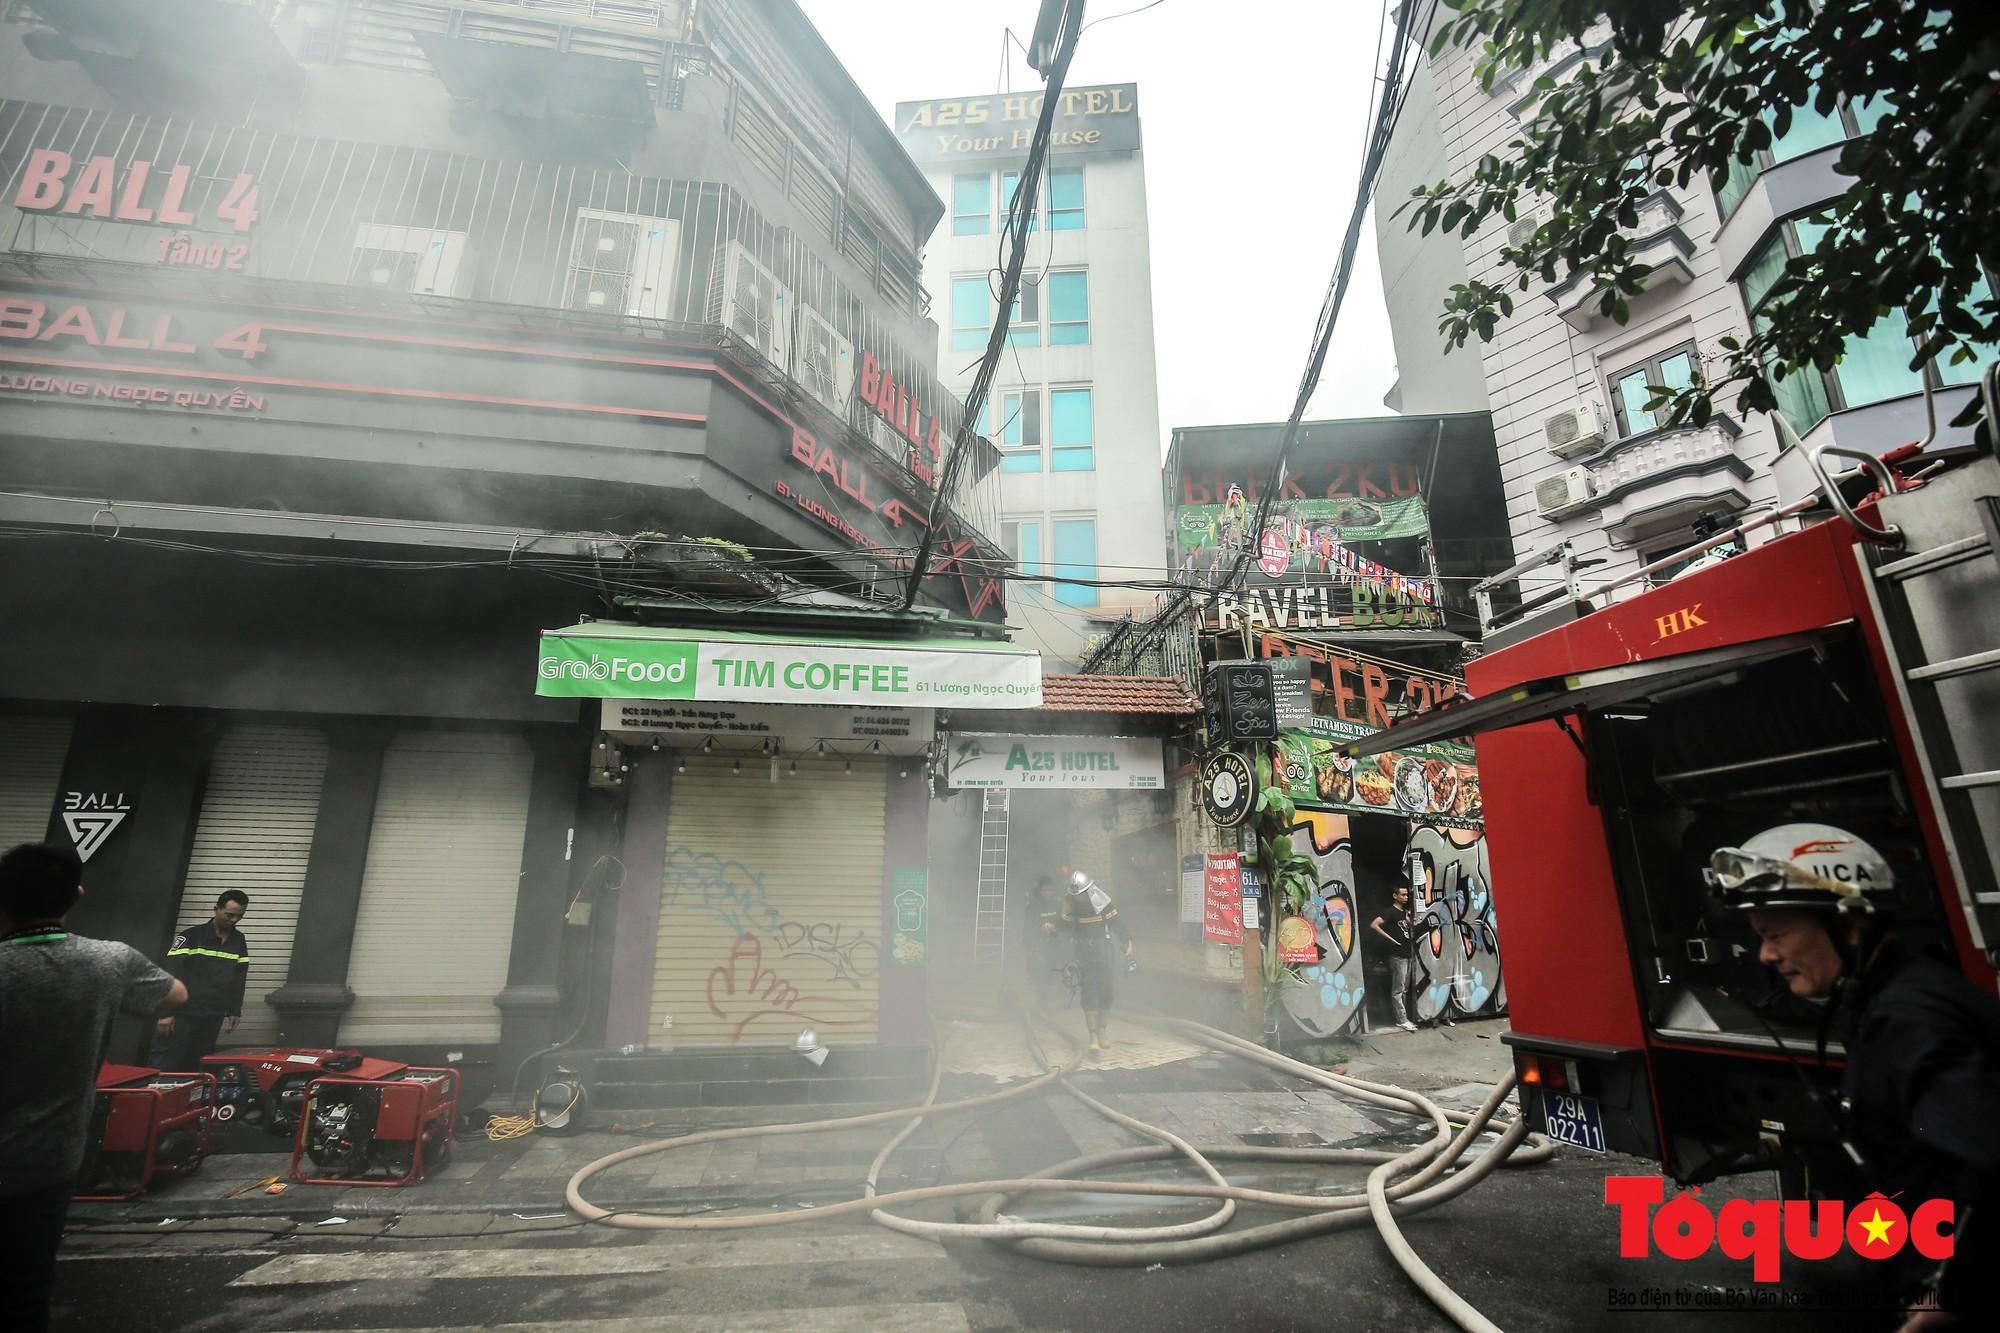 Hà Nội: Cháy khách sạn trên phố cổ, gần 30 người được đưa ra khỏi đám cháy - Ảnh 16.